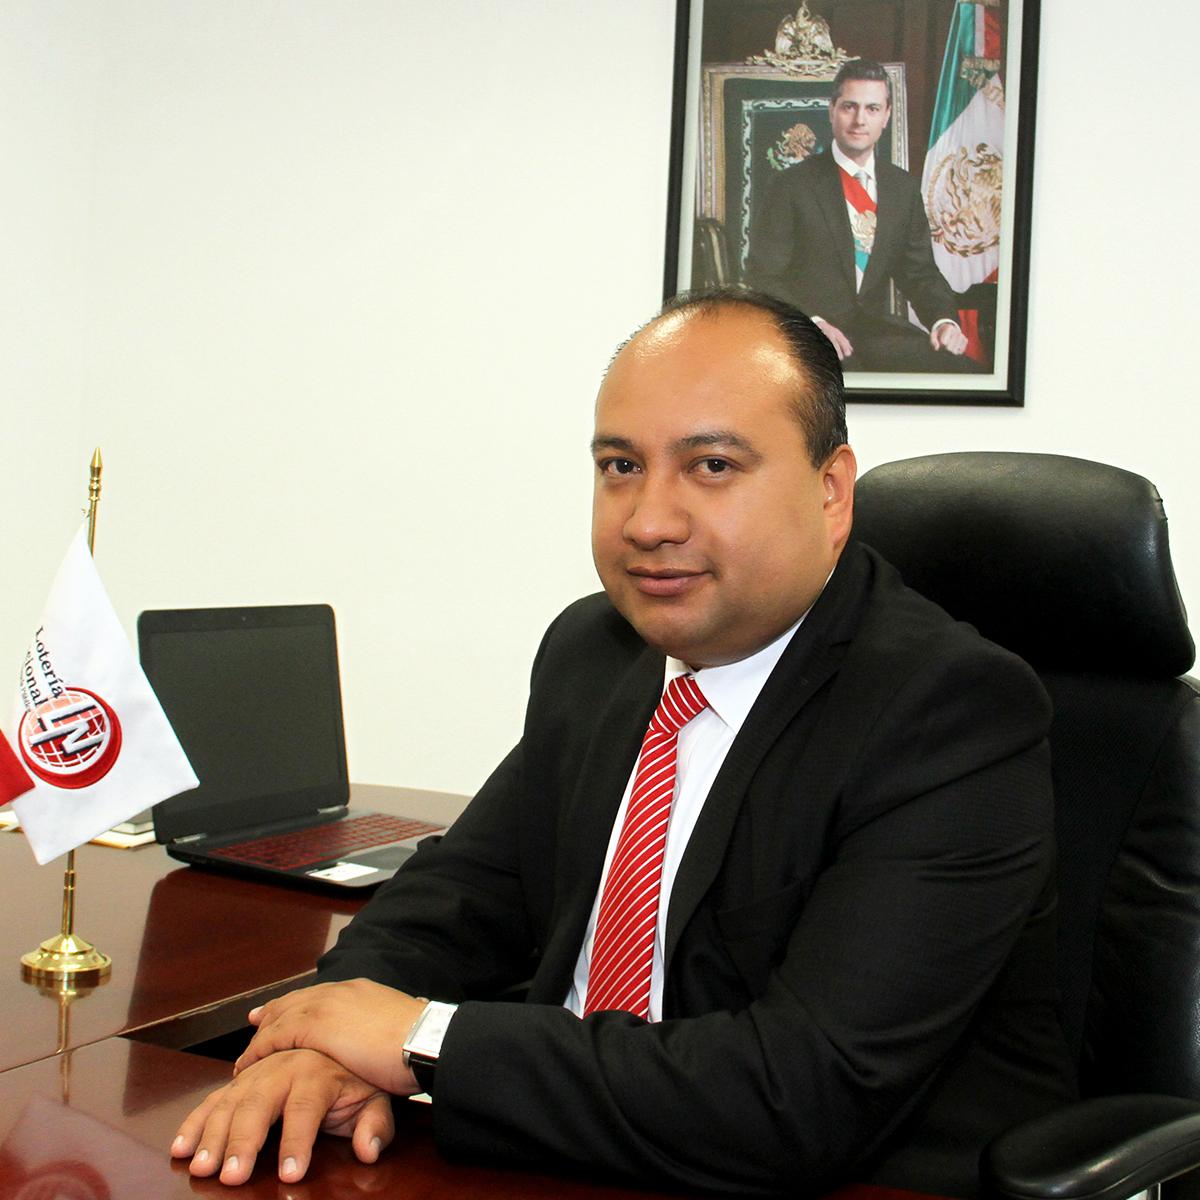 José Alonso Garcia Salazar, (Papantla, Veracruz, 19 de marzo de 1975)